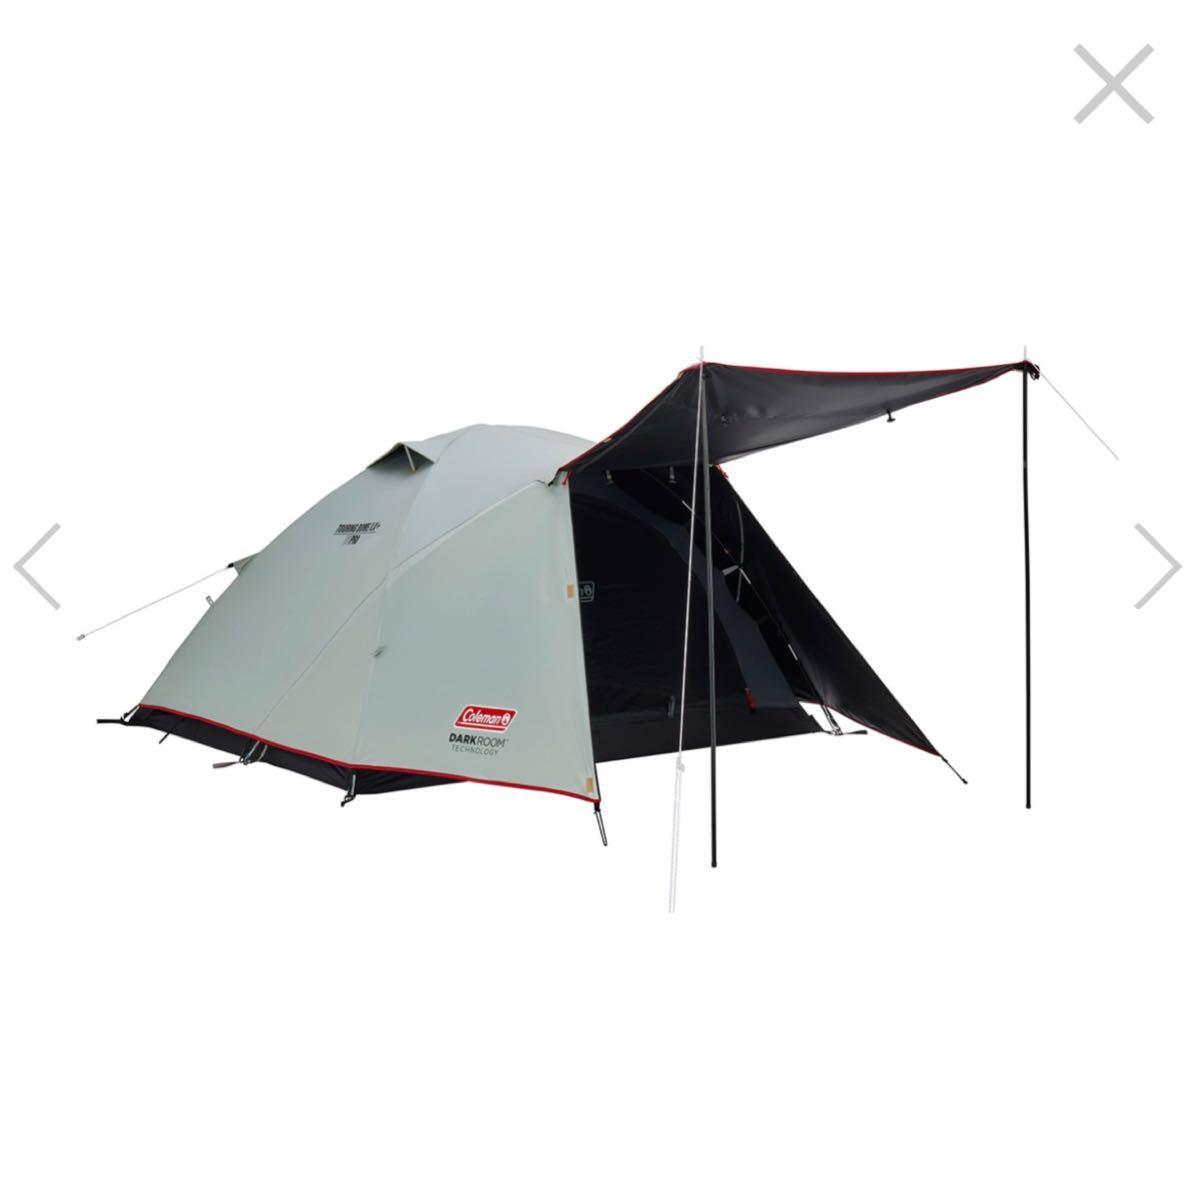 完売★新品 Coleman コールマン ツーリングドーム/LX+ 2〜3人用 ソロキャンプ タープ テント snowpeak